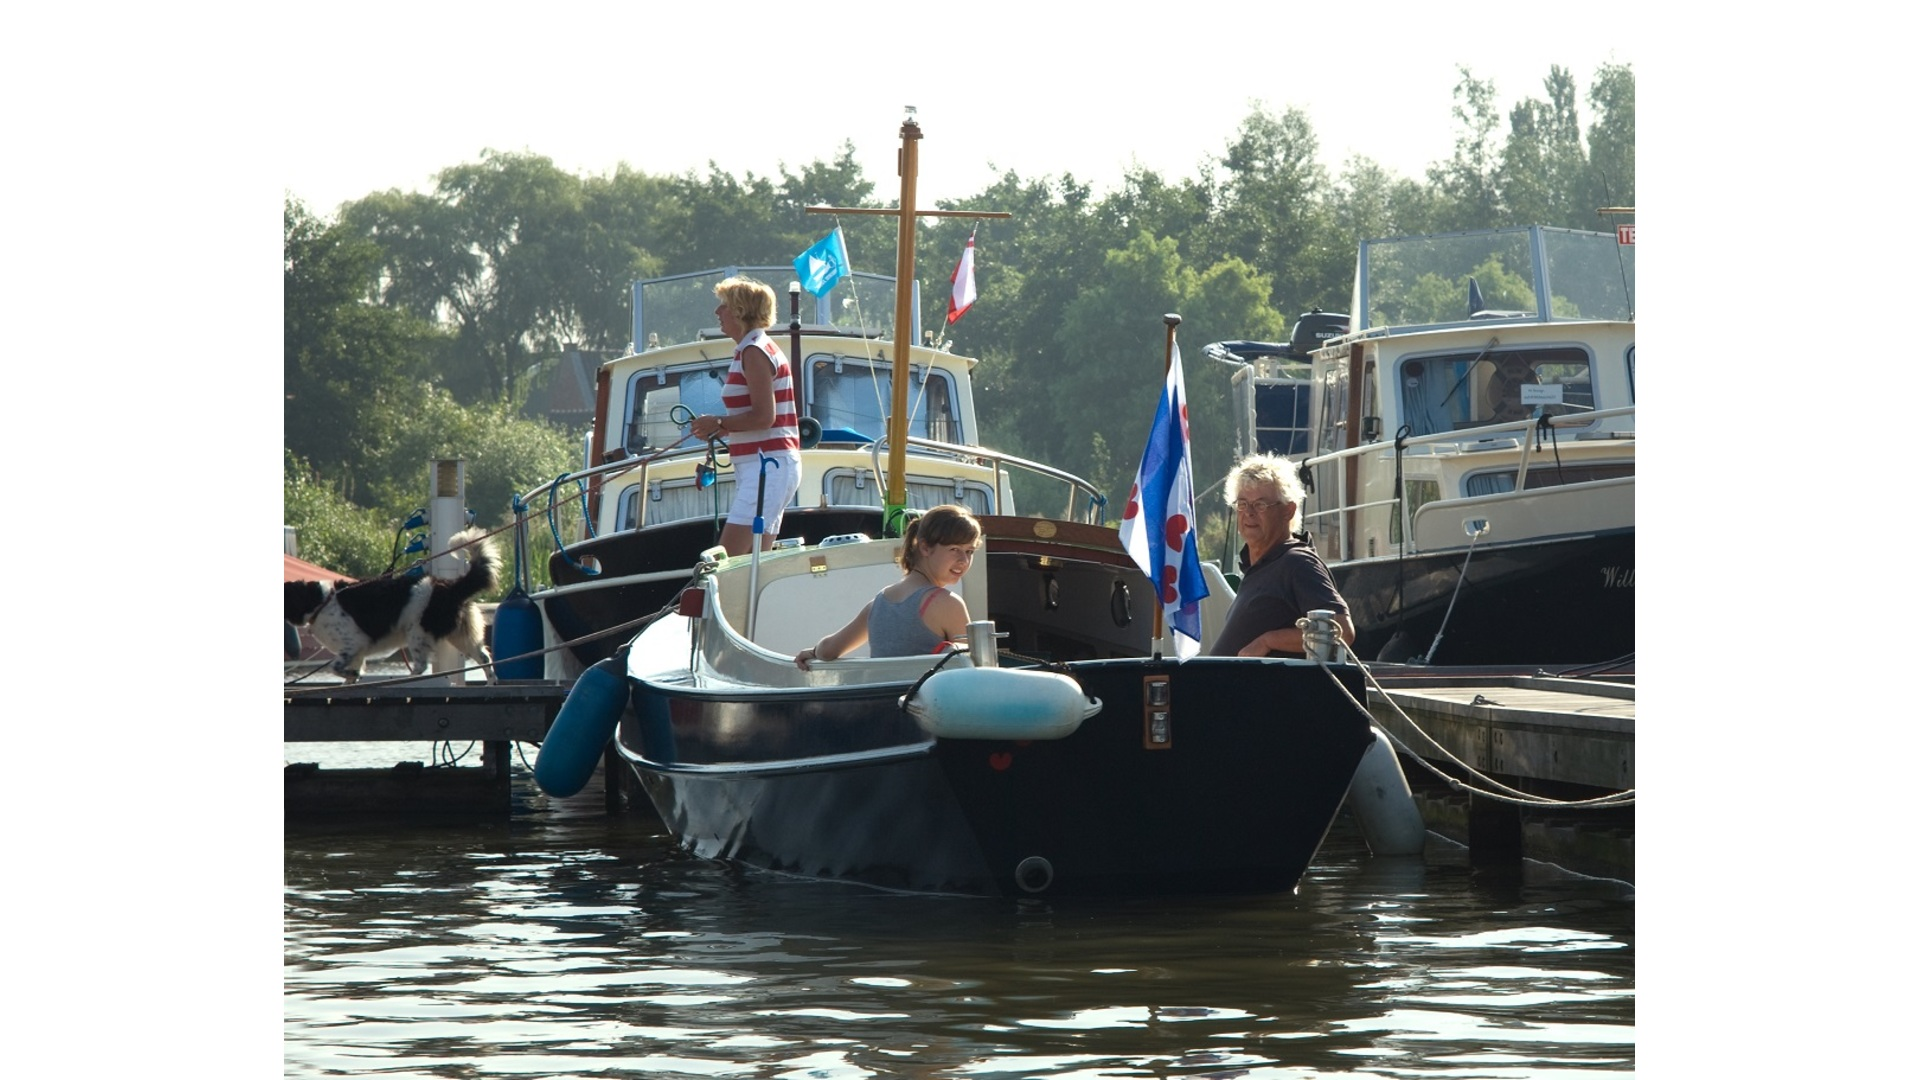 Jachthaven Marnemoende l Foto: Martijn Kleimeer